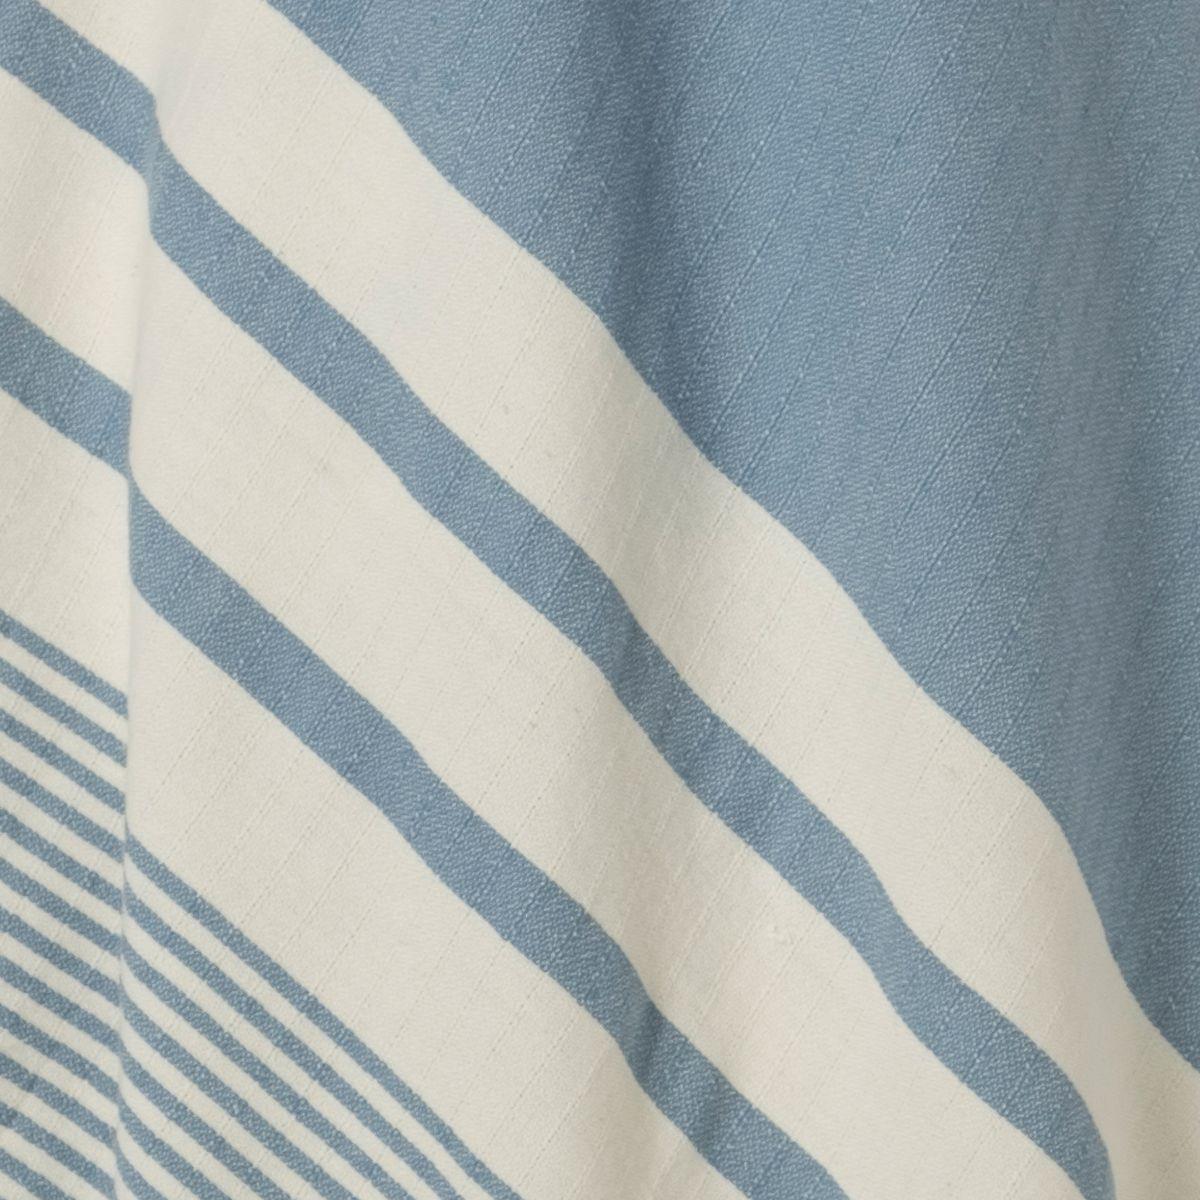 Peshtemal Tabiat - Air Blue